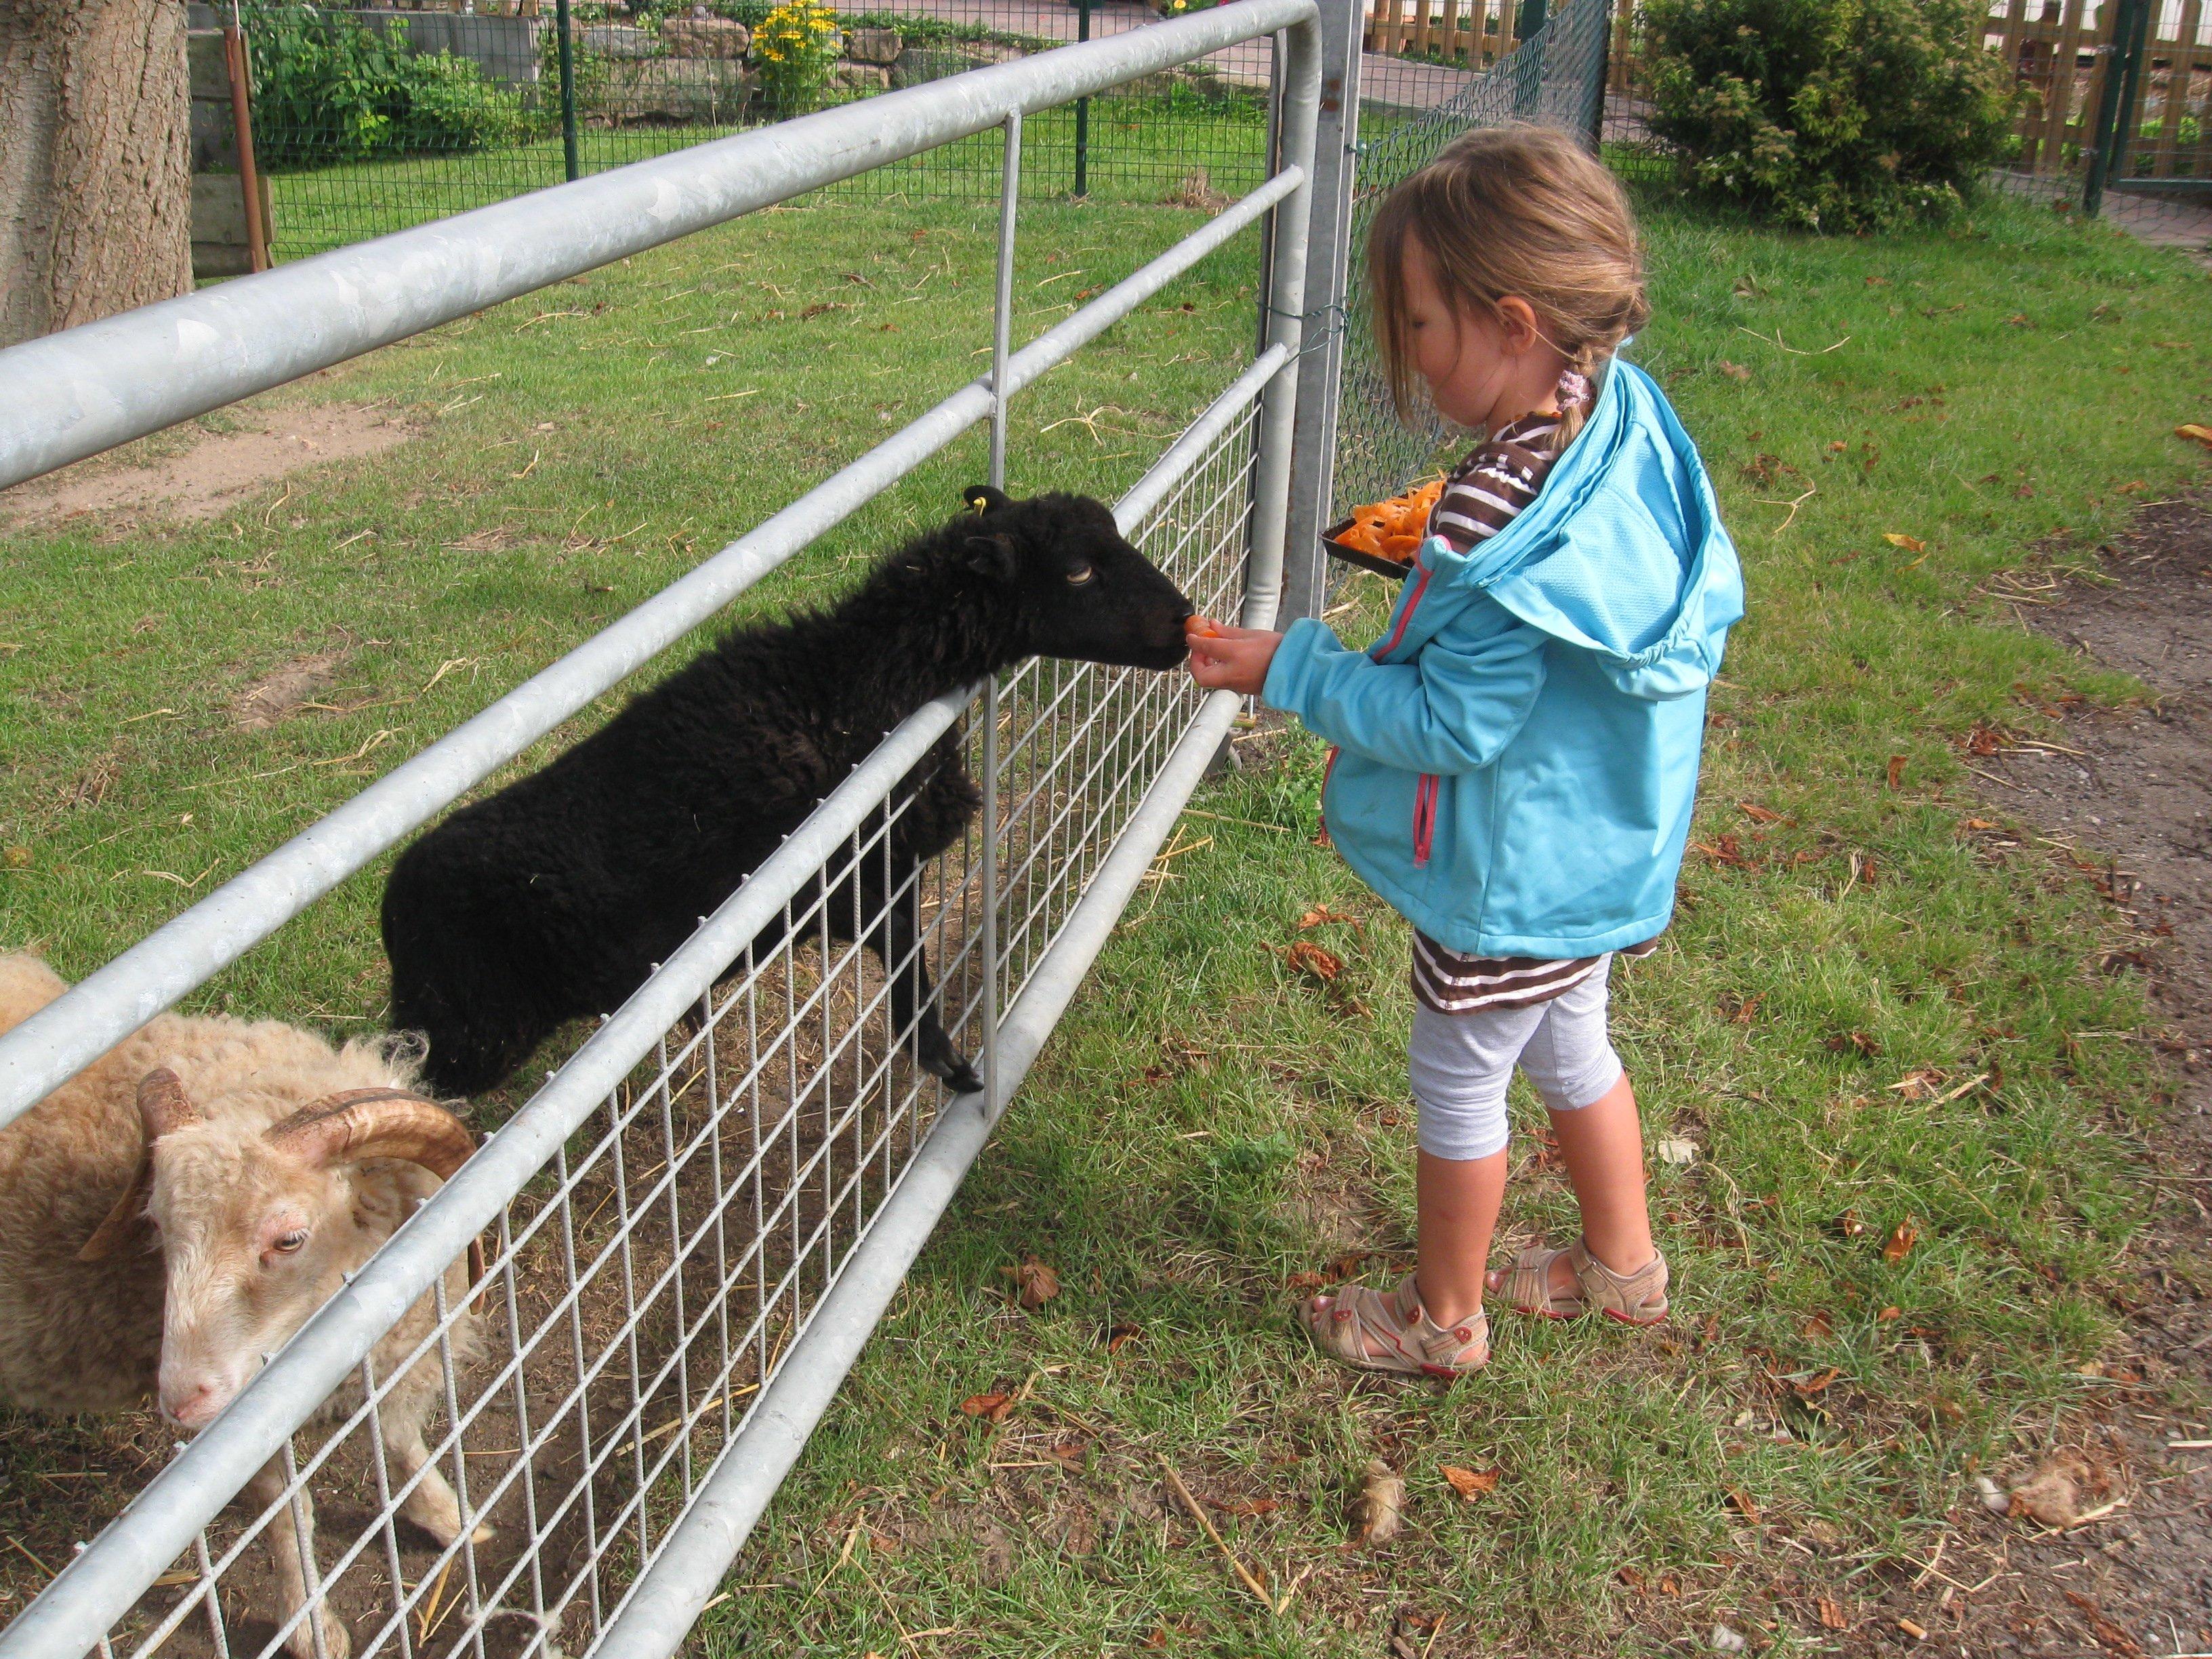 mal ganz vorsichtig die Schafe füttern © Herby